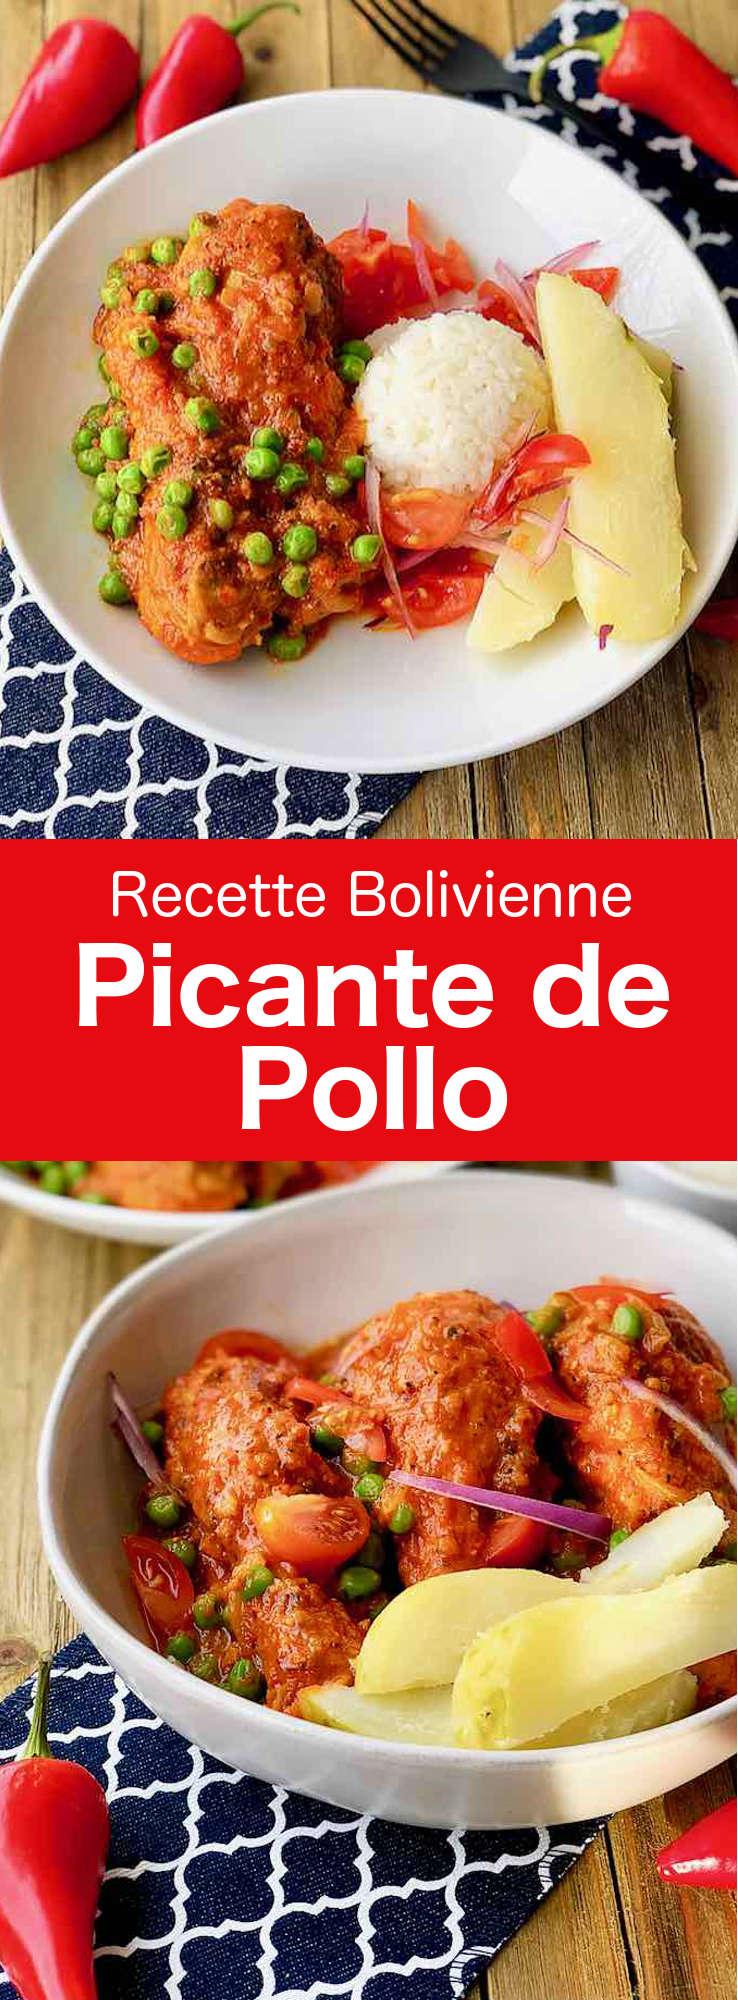 Le picante de pollo est un des plats les plus traditionnels boliviens. La principale caractéristique de ce plat de poulet en sauce est son piquant intense. #Bolivie #RecetteBolivienne #CuisineBolivienne #CuisineDuMonde #196flavors